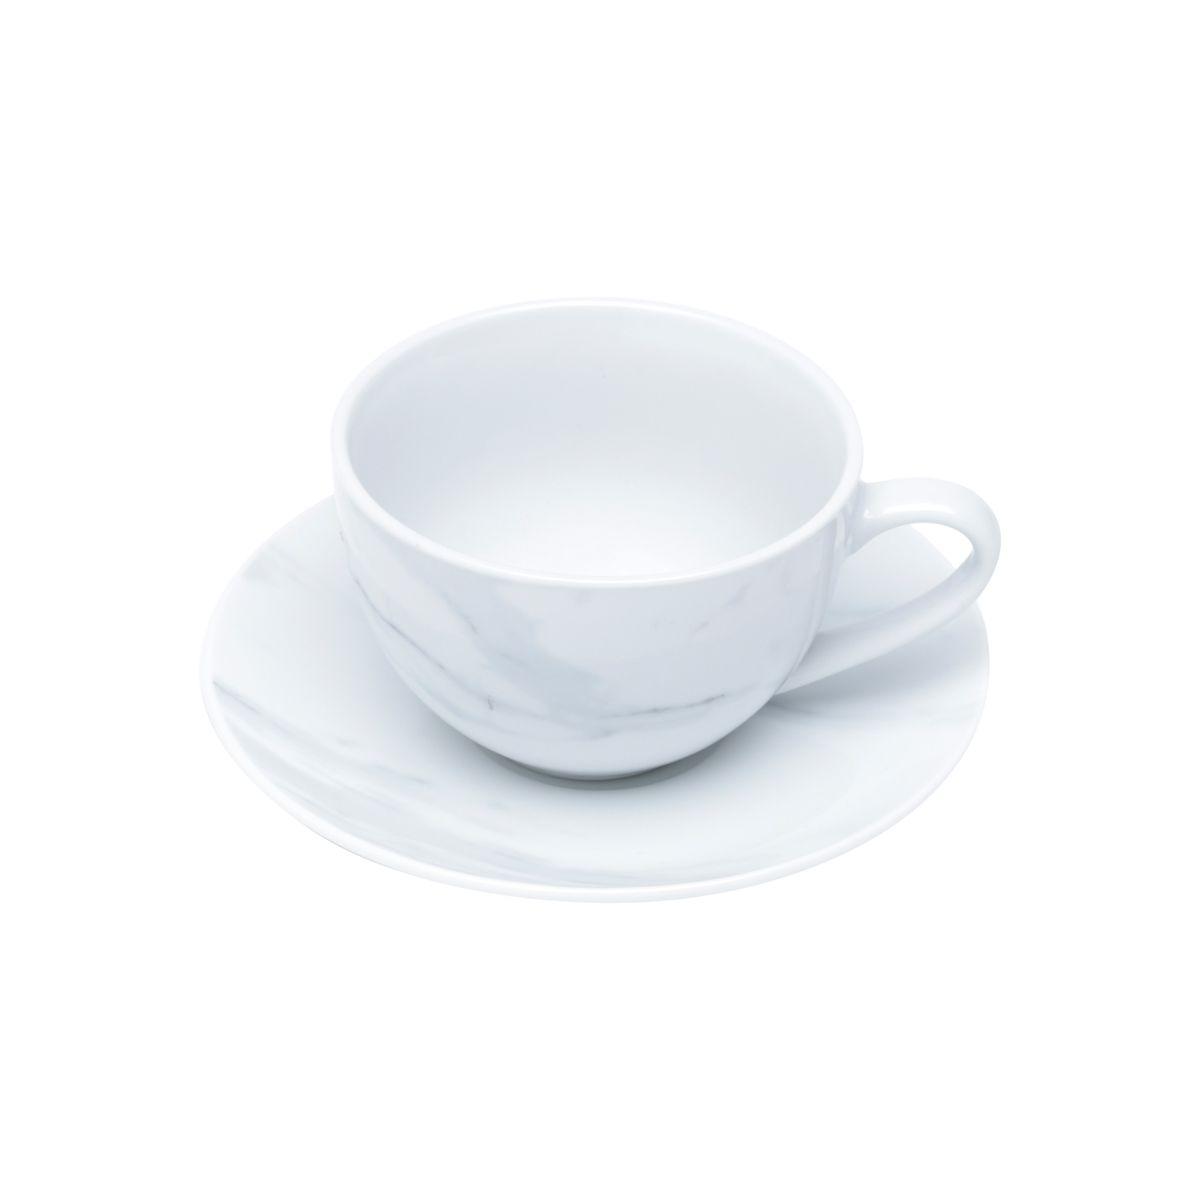 Jg 06 Xícaras de Chá Calacata de Porcelana Wolff